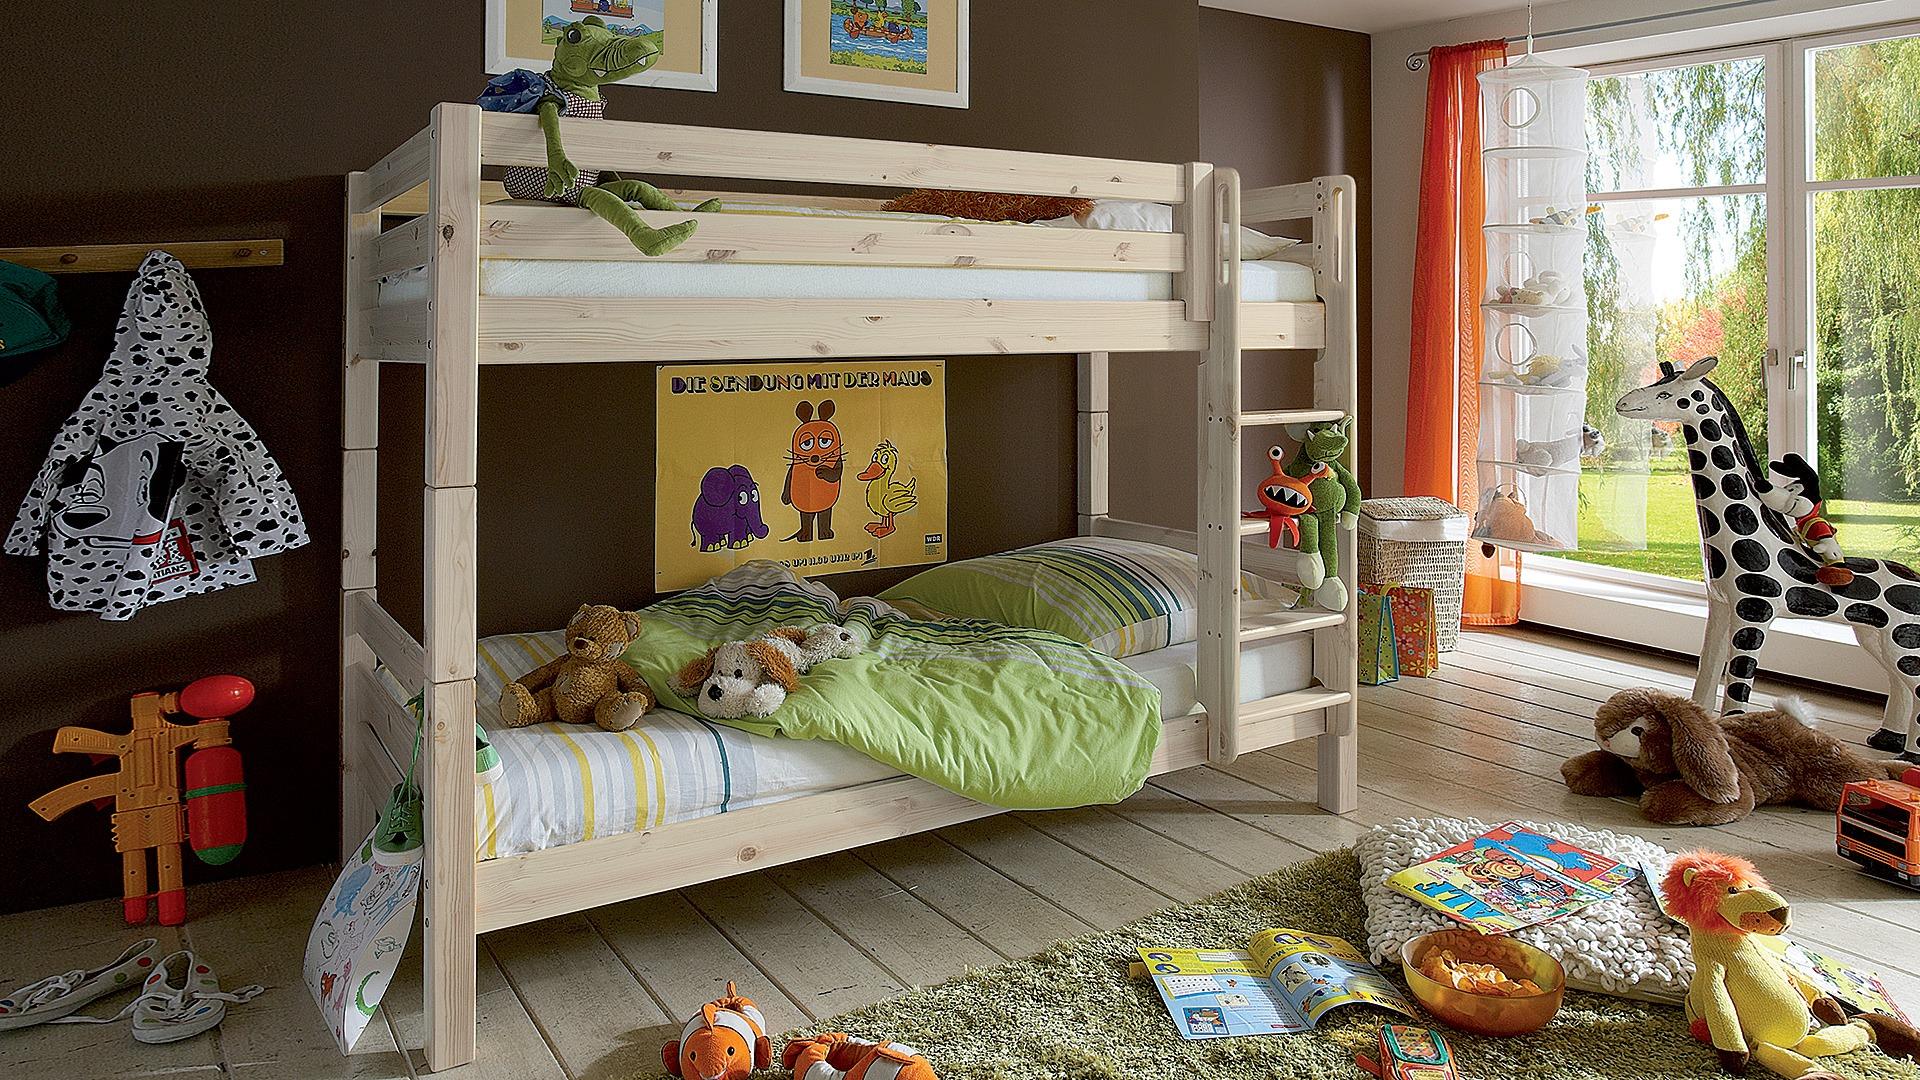 Etagenbett Gute Qualität : Massiv kiefer etagenbett hochbett weiß inkl lattenroste und